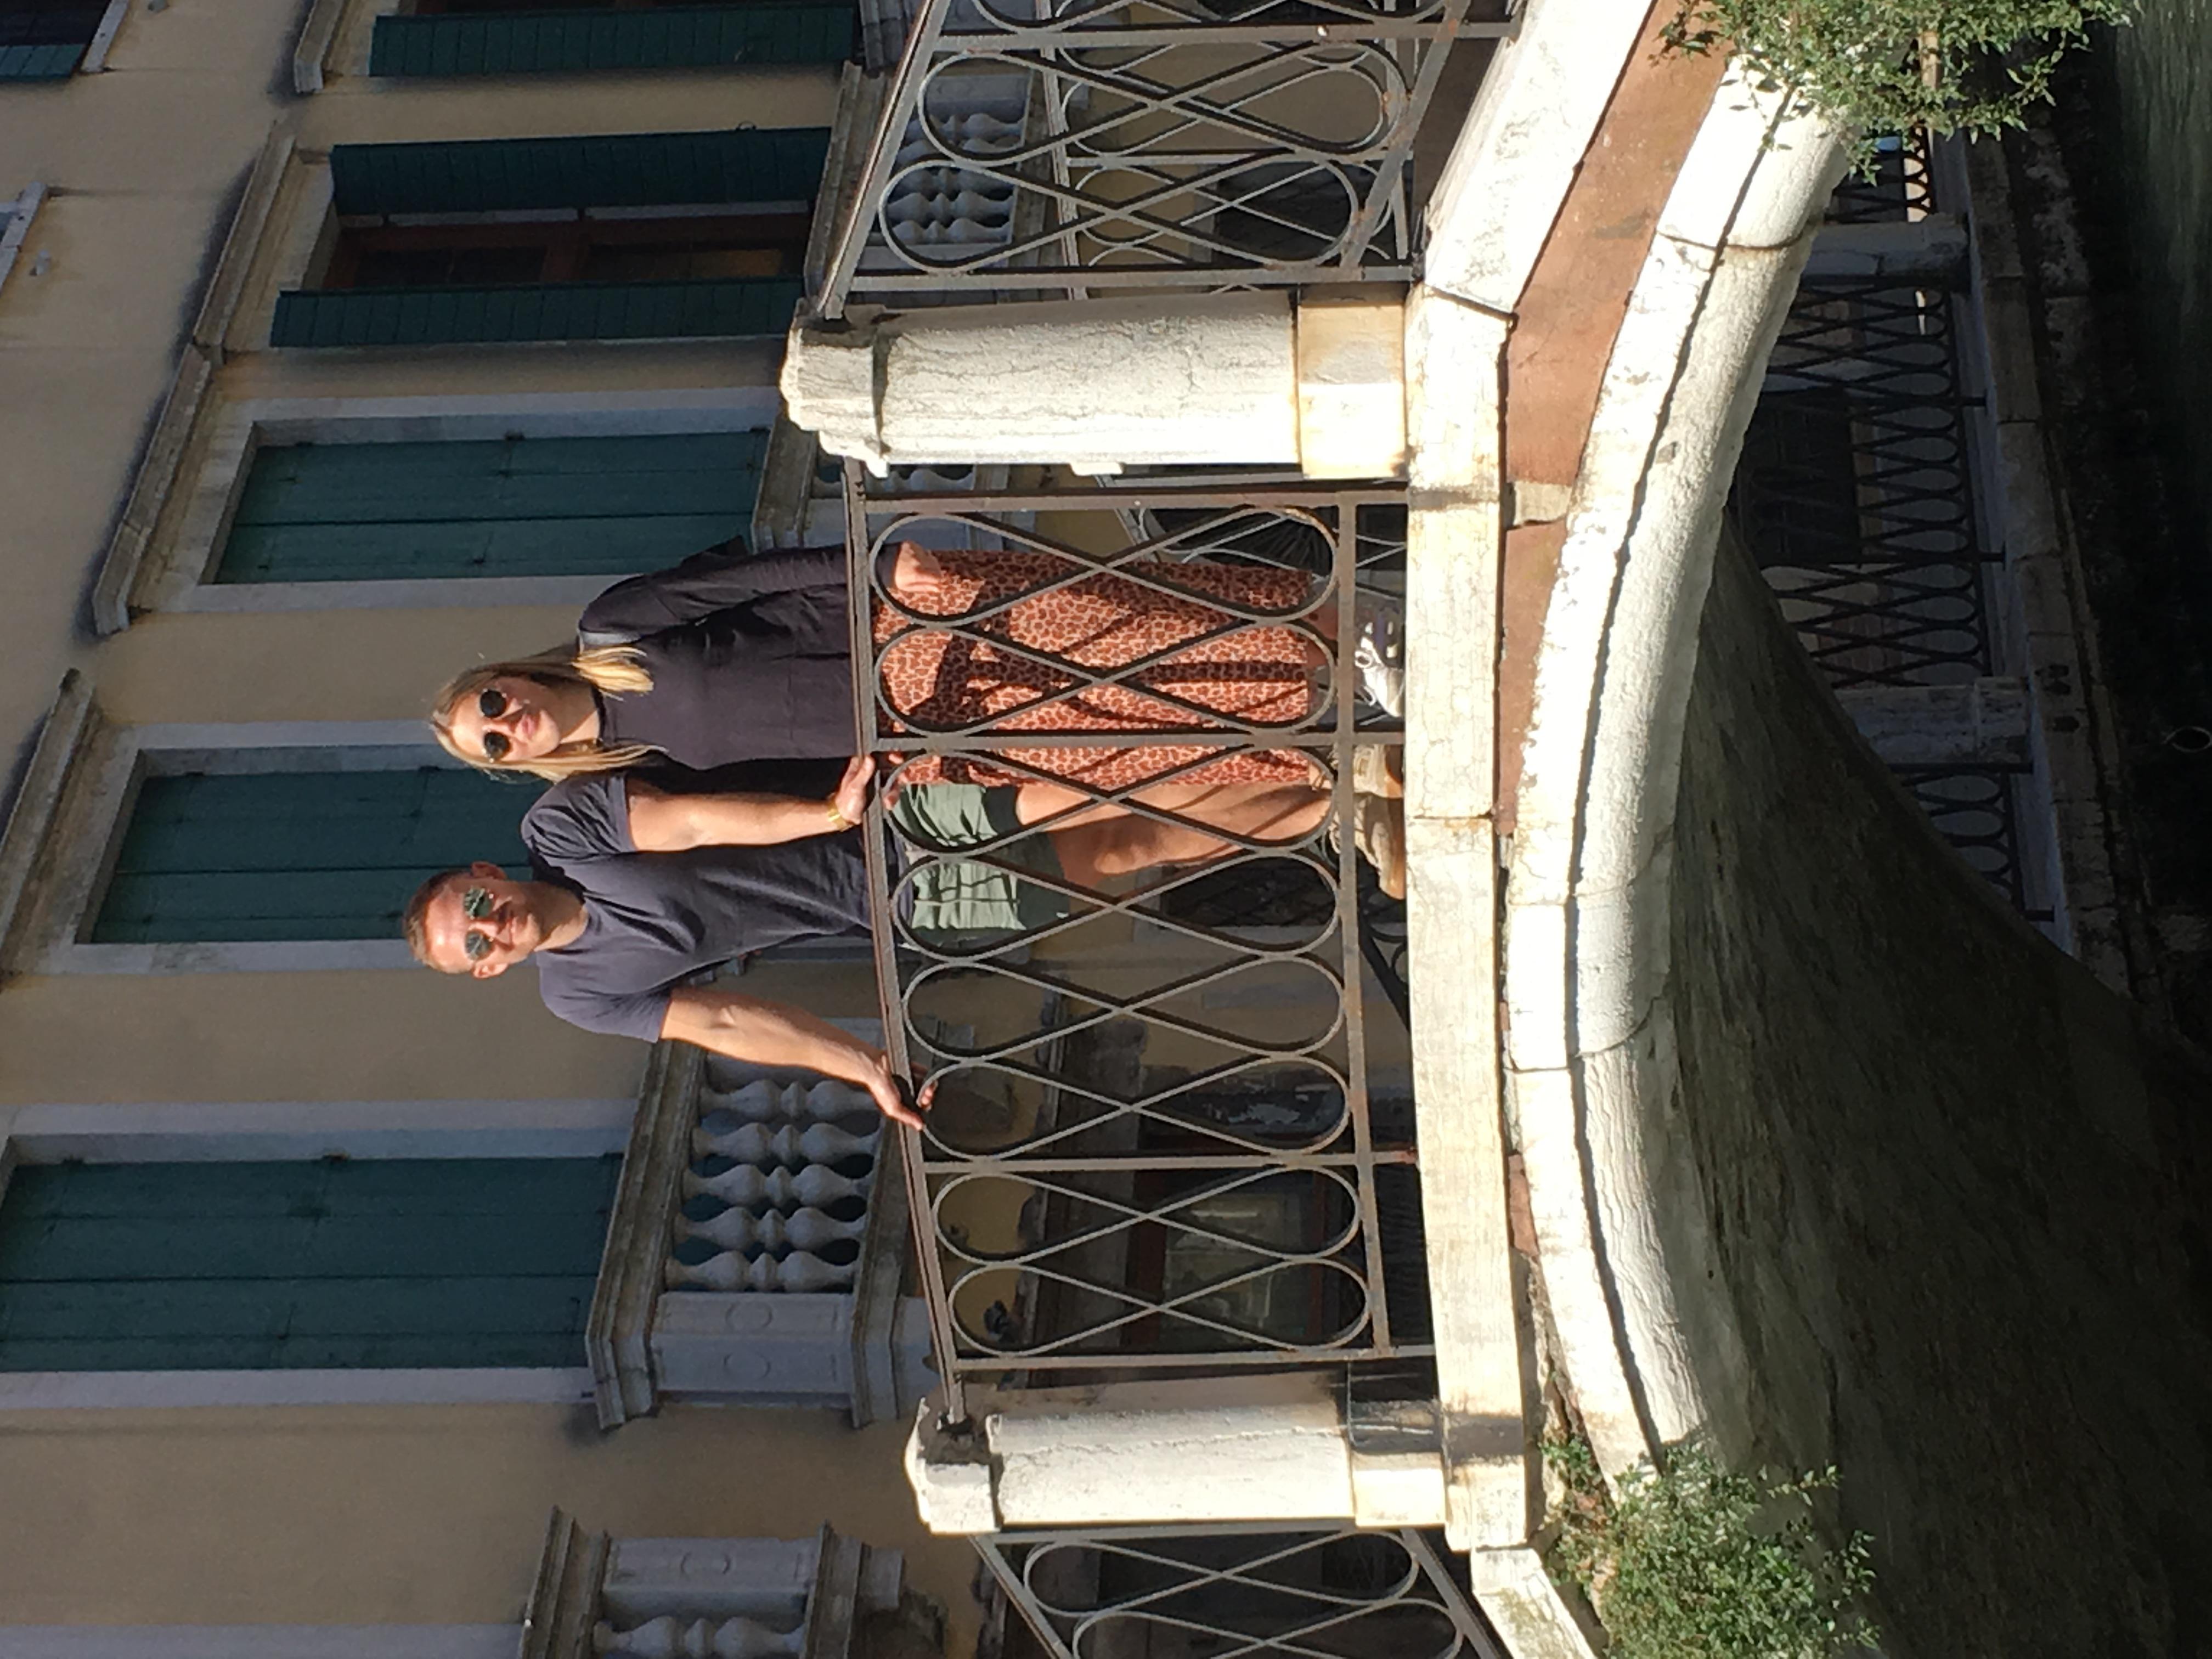 C. Enjoying Venice